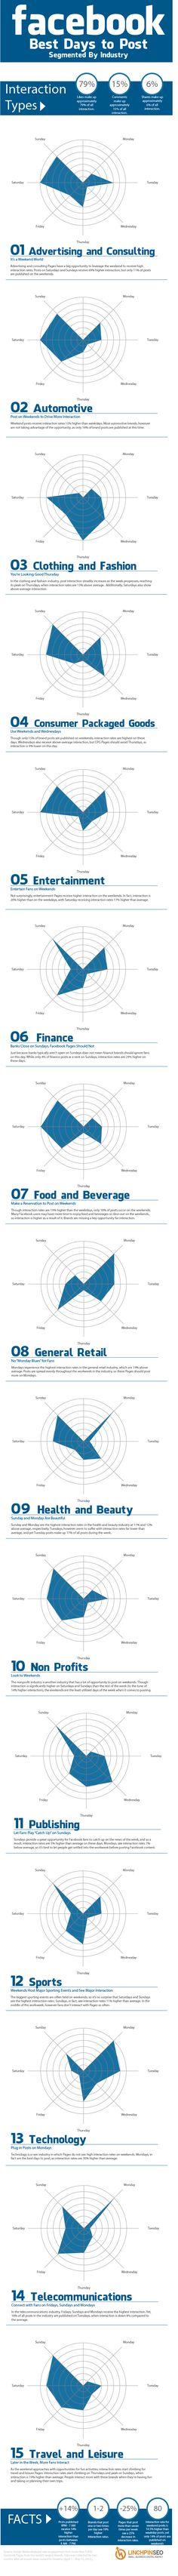 Mejores días para postear en FaceBook (por sectores) #infografia #infographic #socialmedia